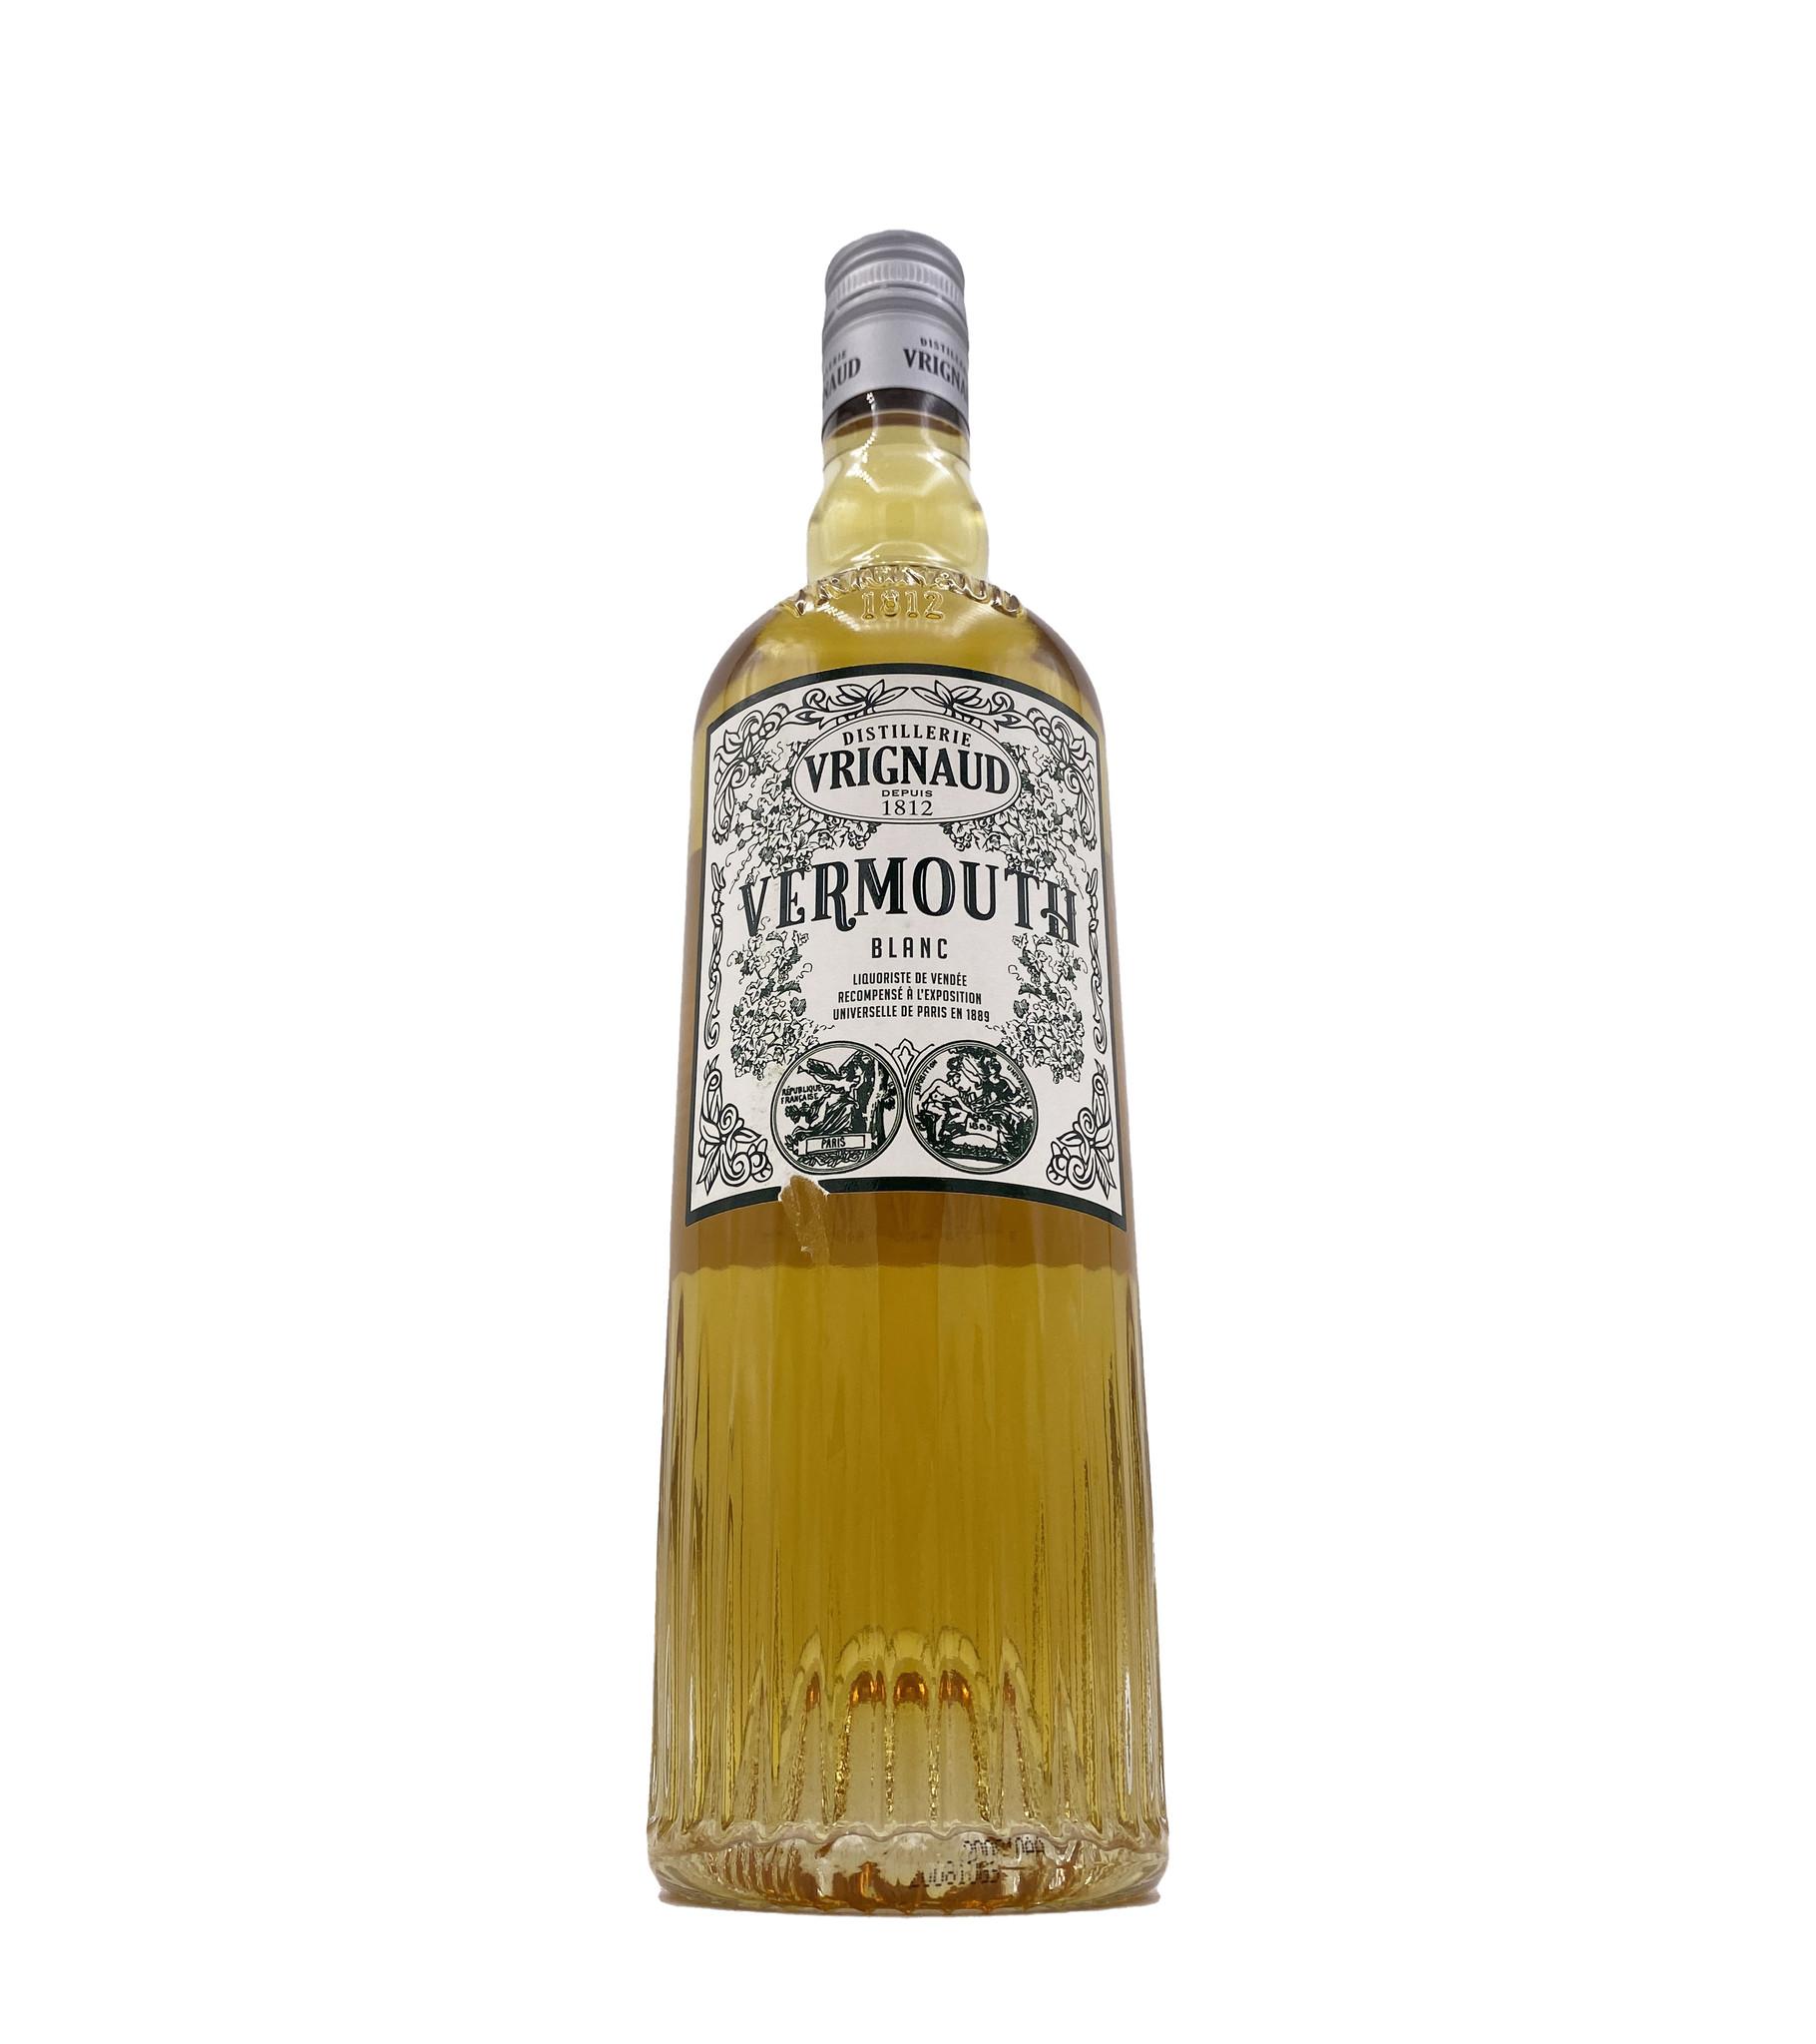 Vermouth Blanc 750ml Distillerie Vrignaud